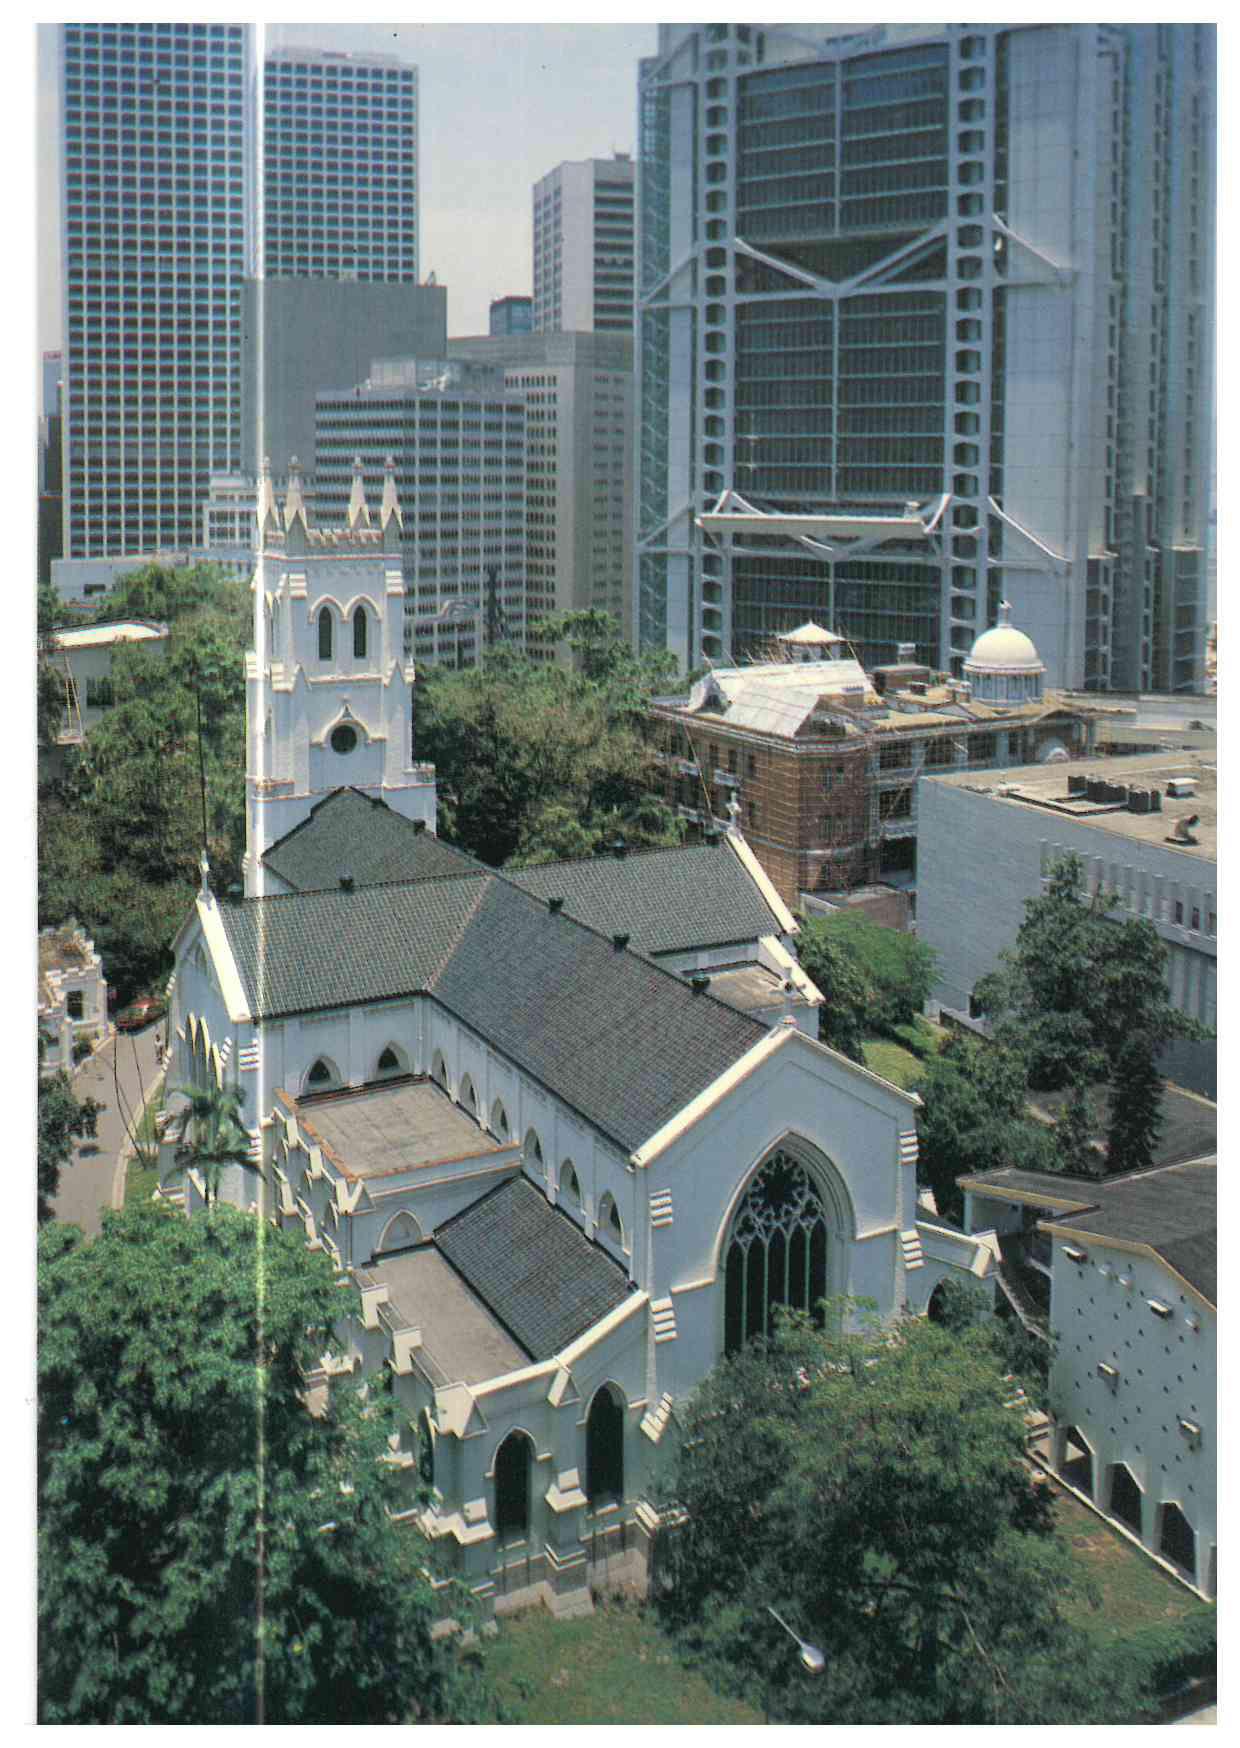 00359-St John's Cathedral, Exterior, Hong Kong 2000.jpg